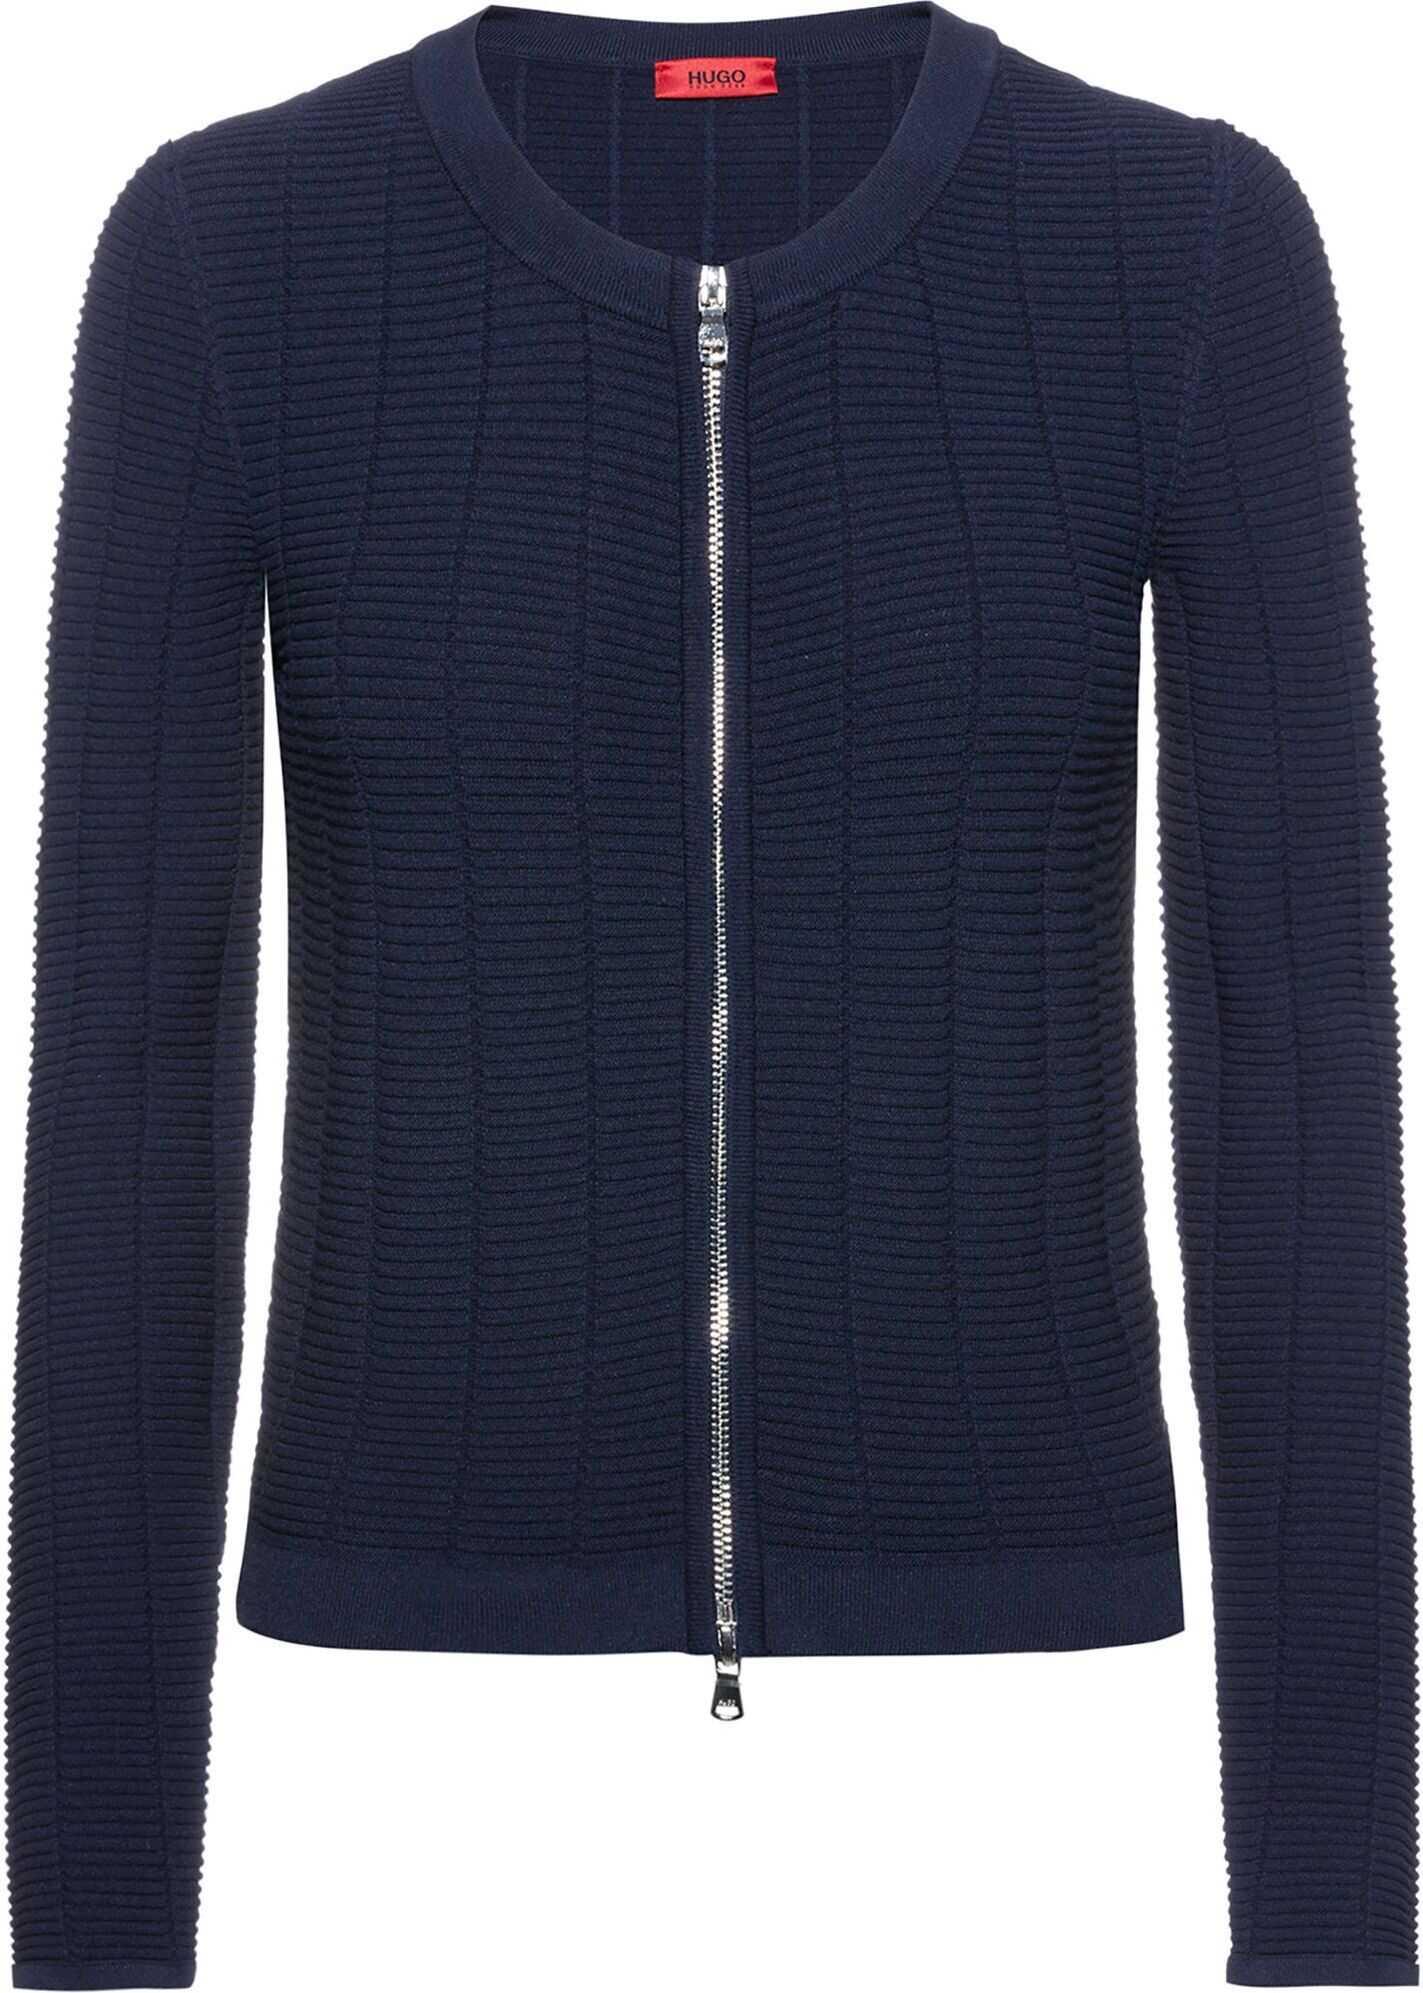 BOSS Hugo Boss Viscose Jacket BLUE